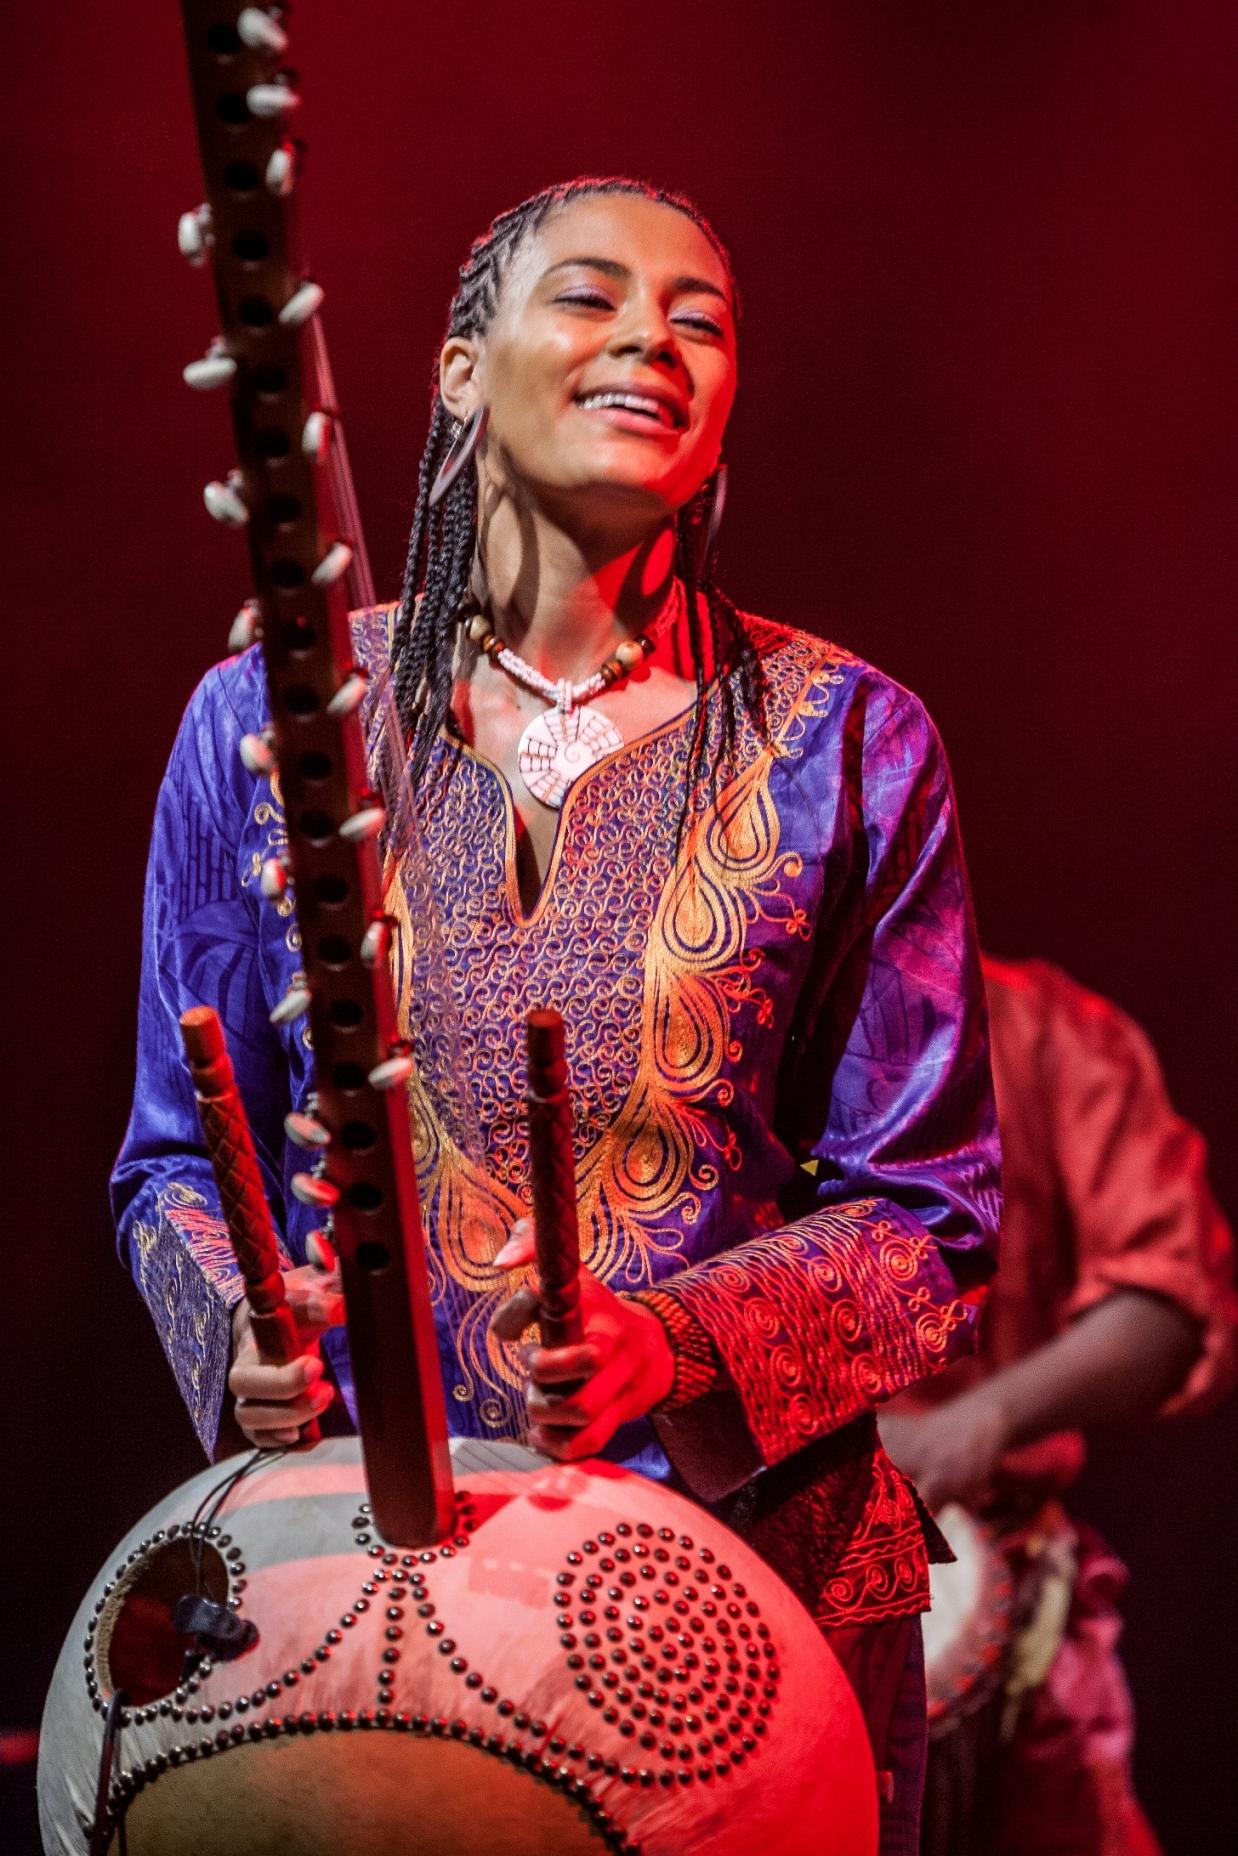 Sona Jobarteh mentre suona in concerto